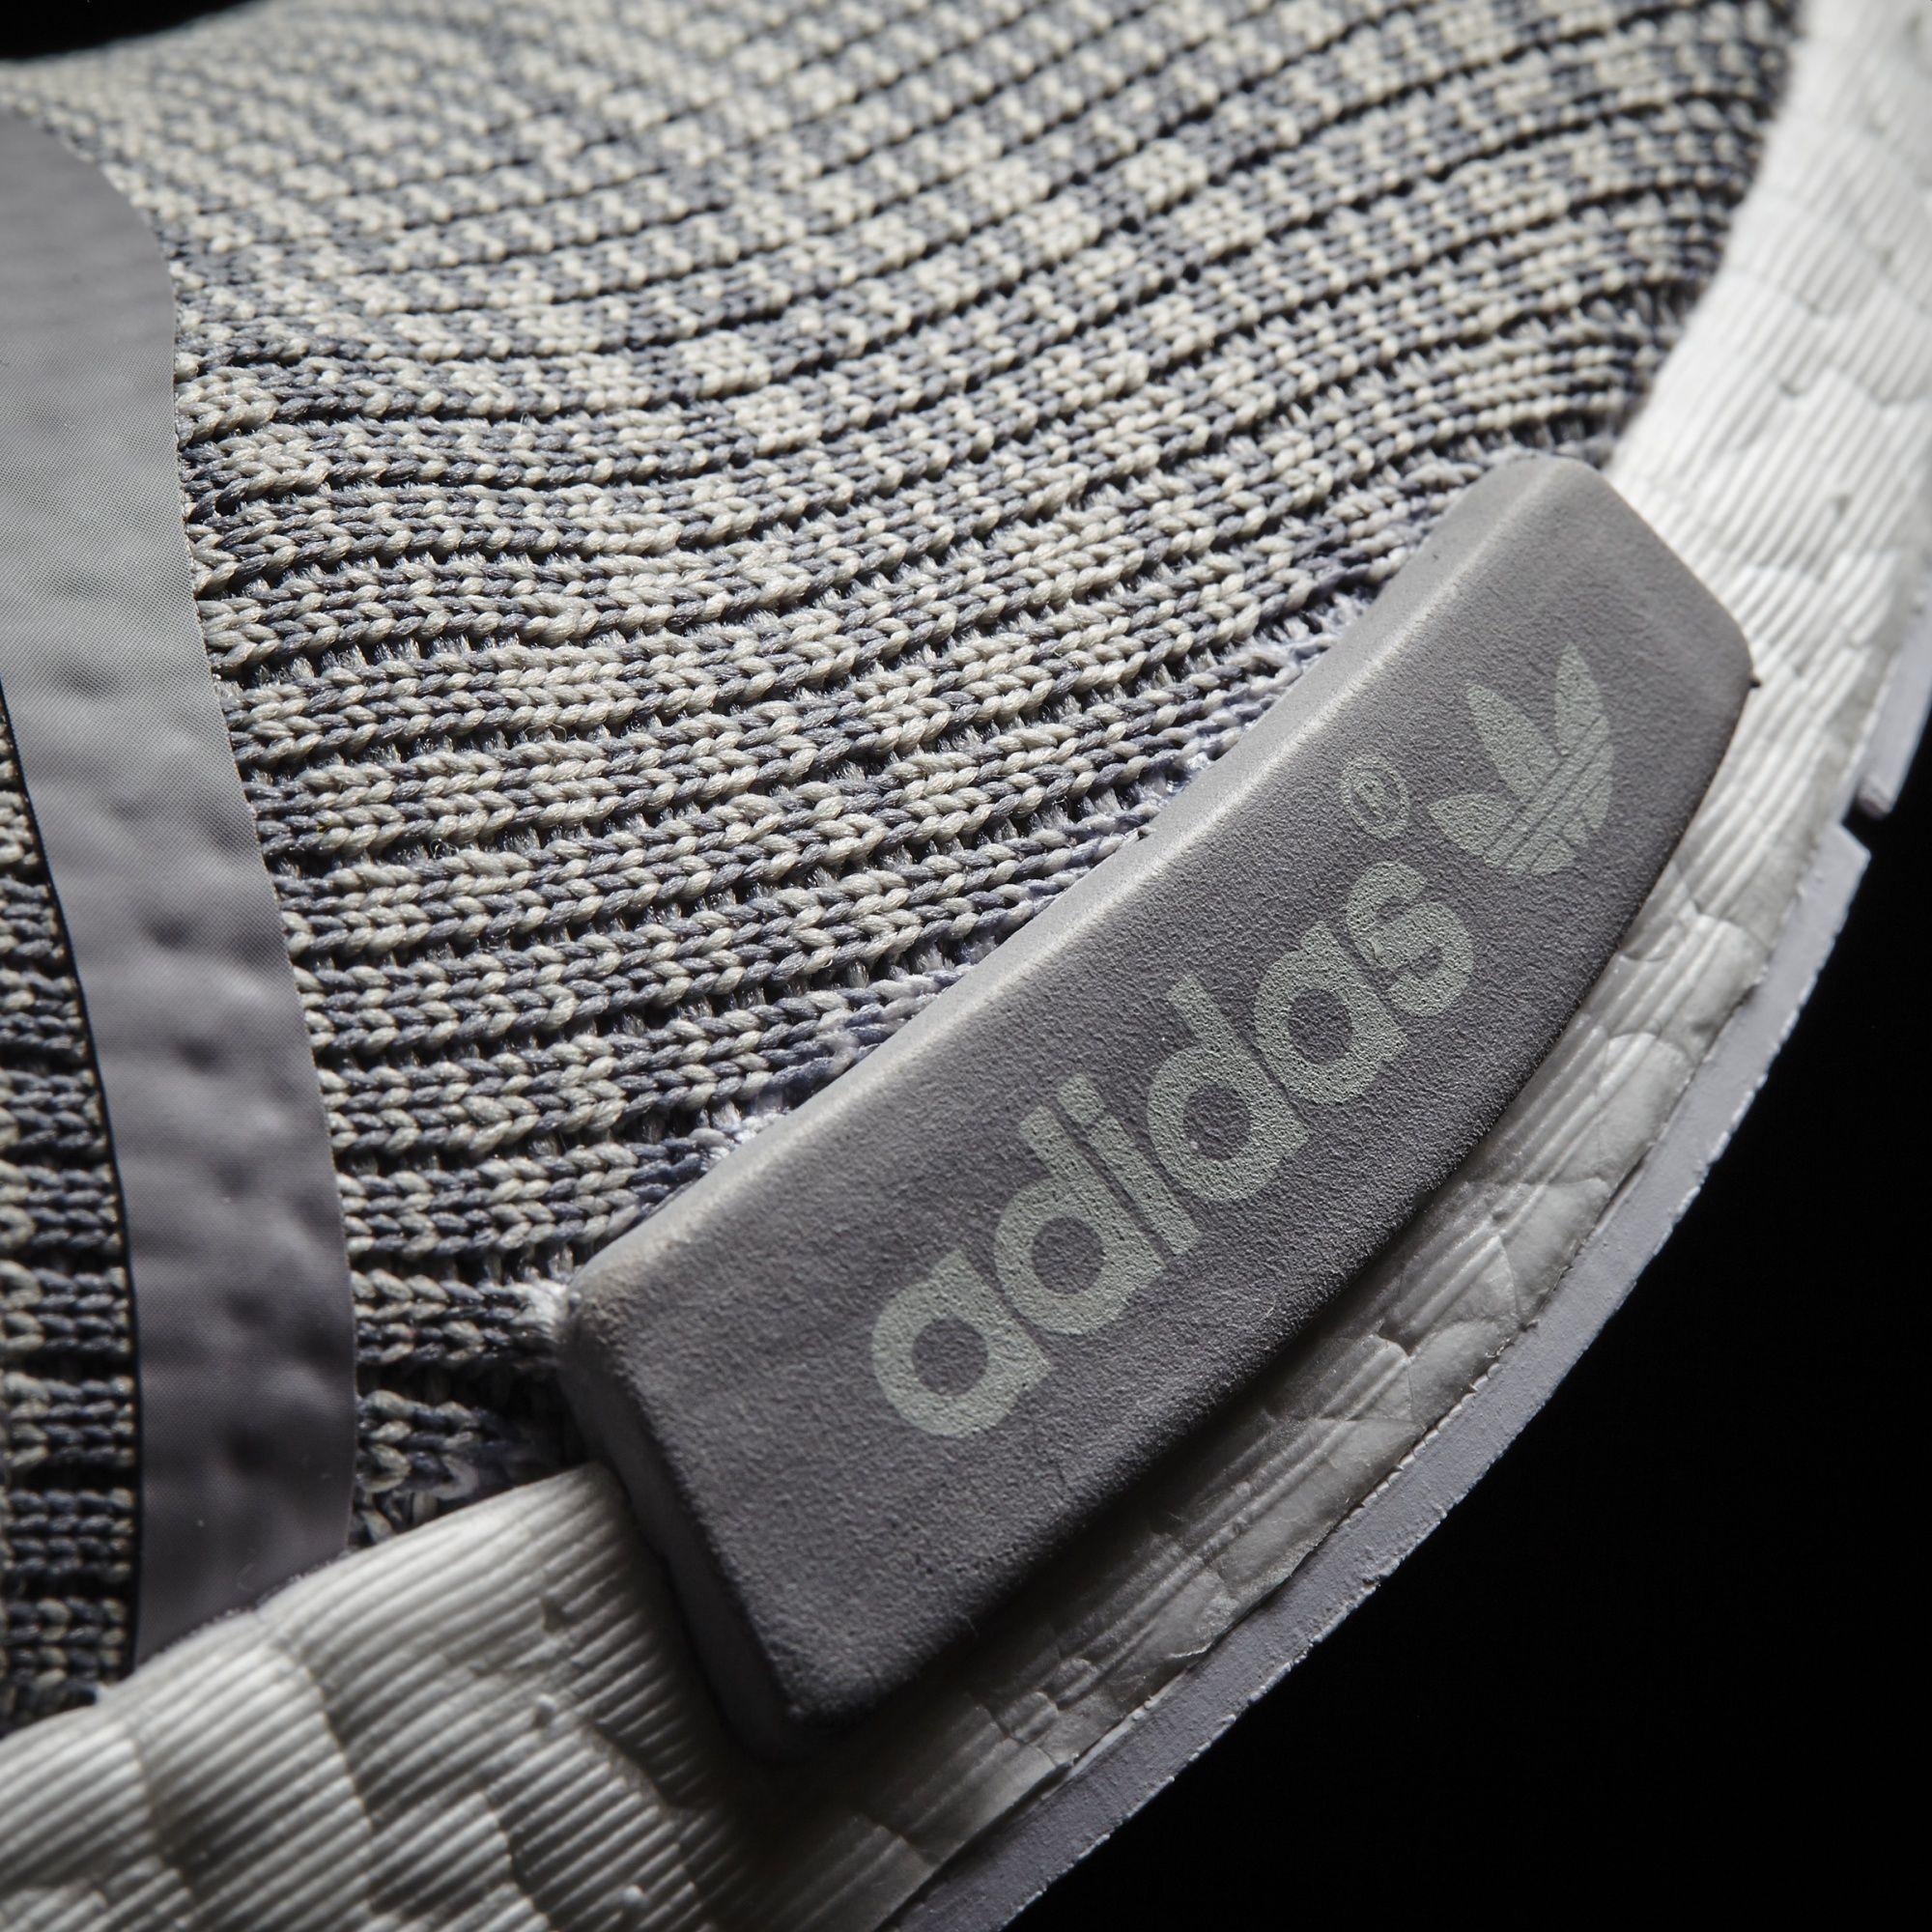 adidas NMD_R1 Glitch Solid Grey/White Midsole BB2886